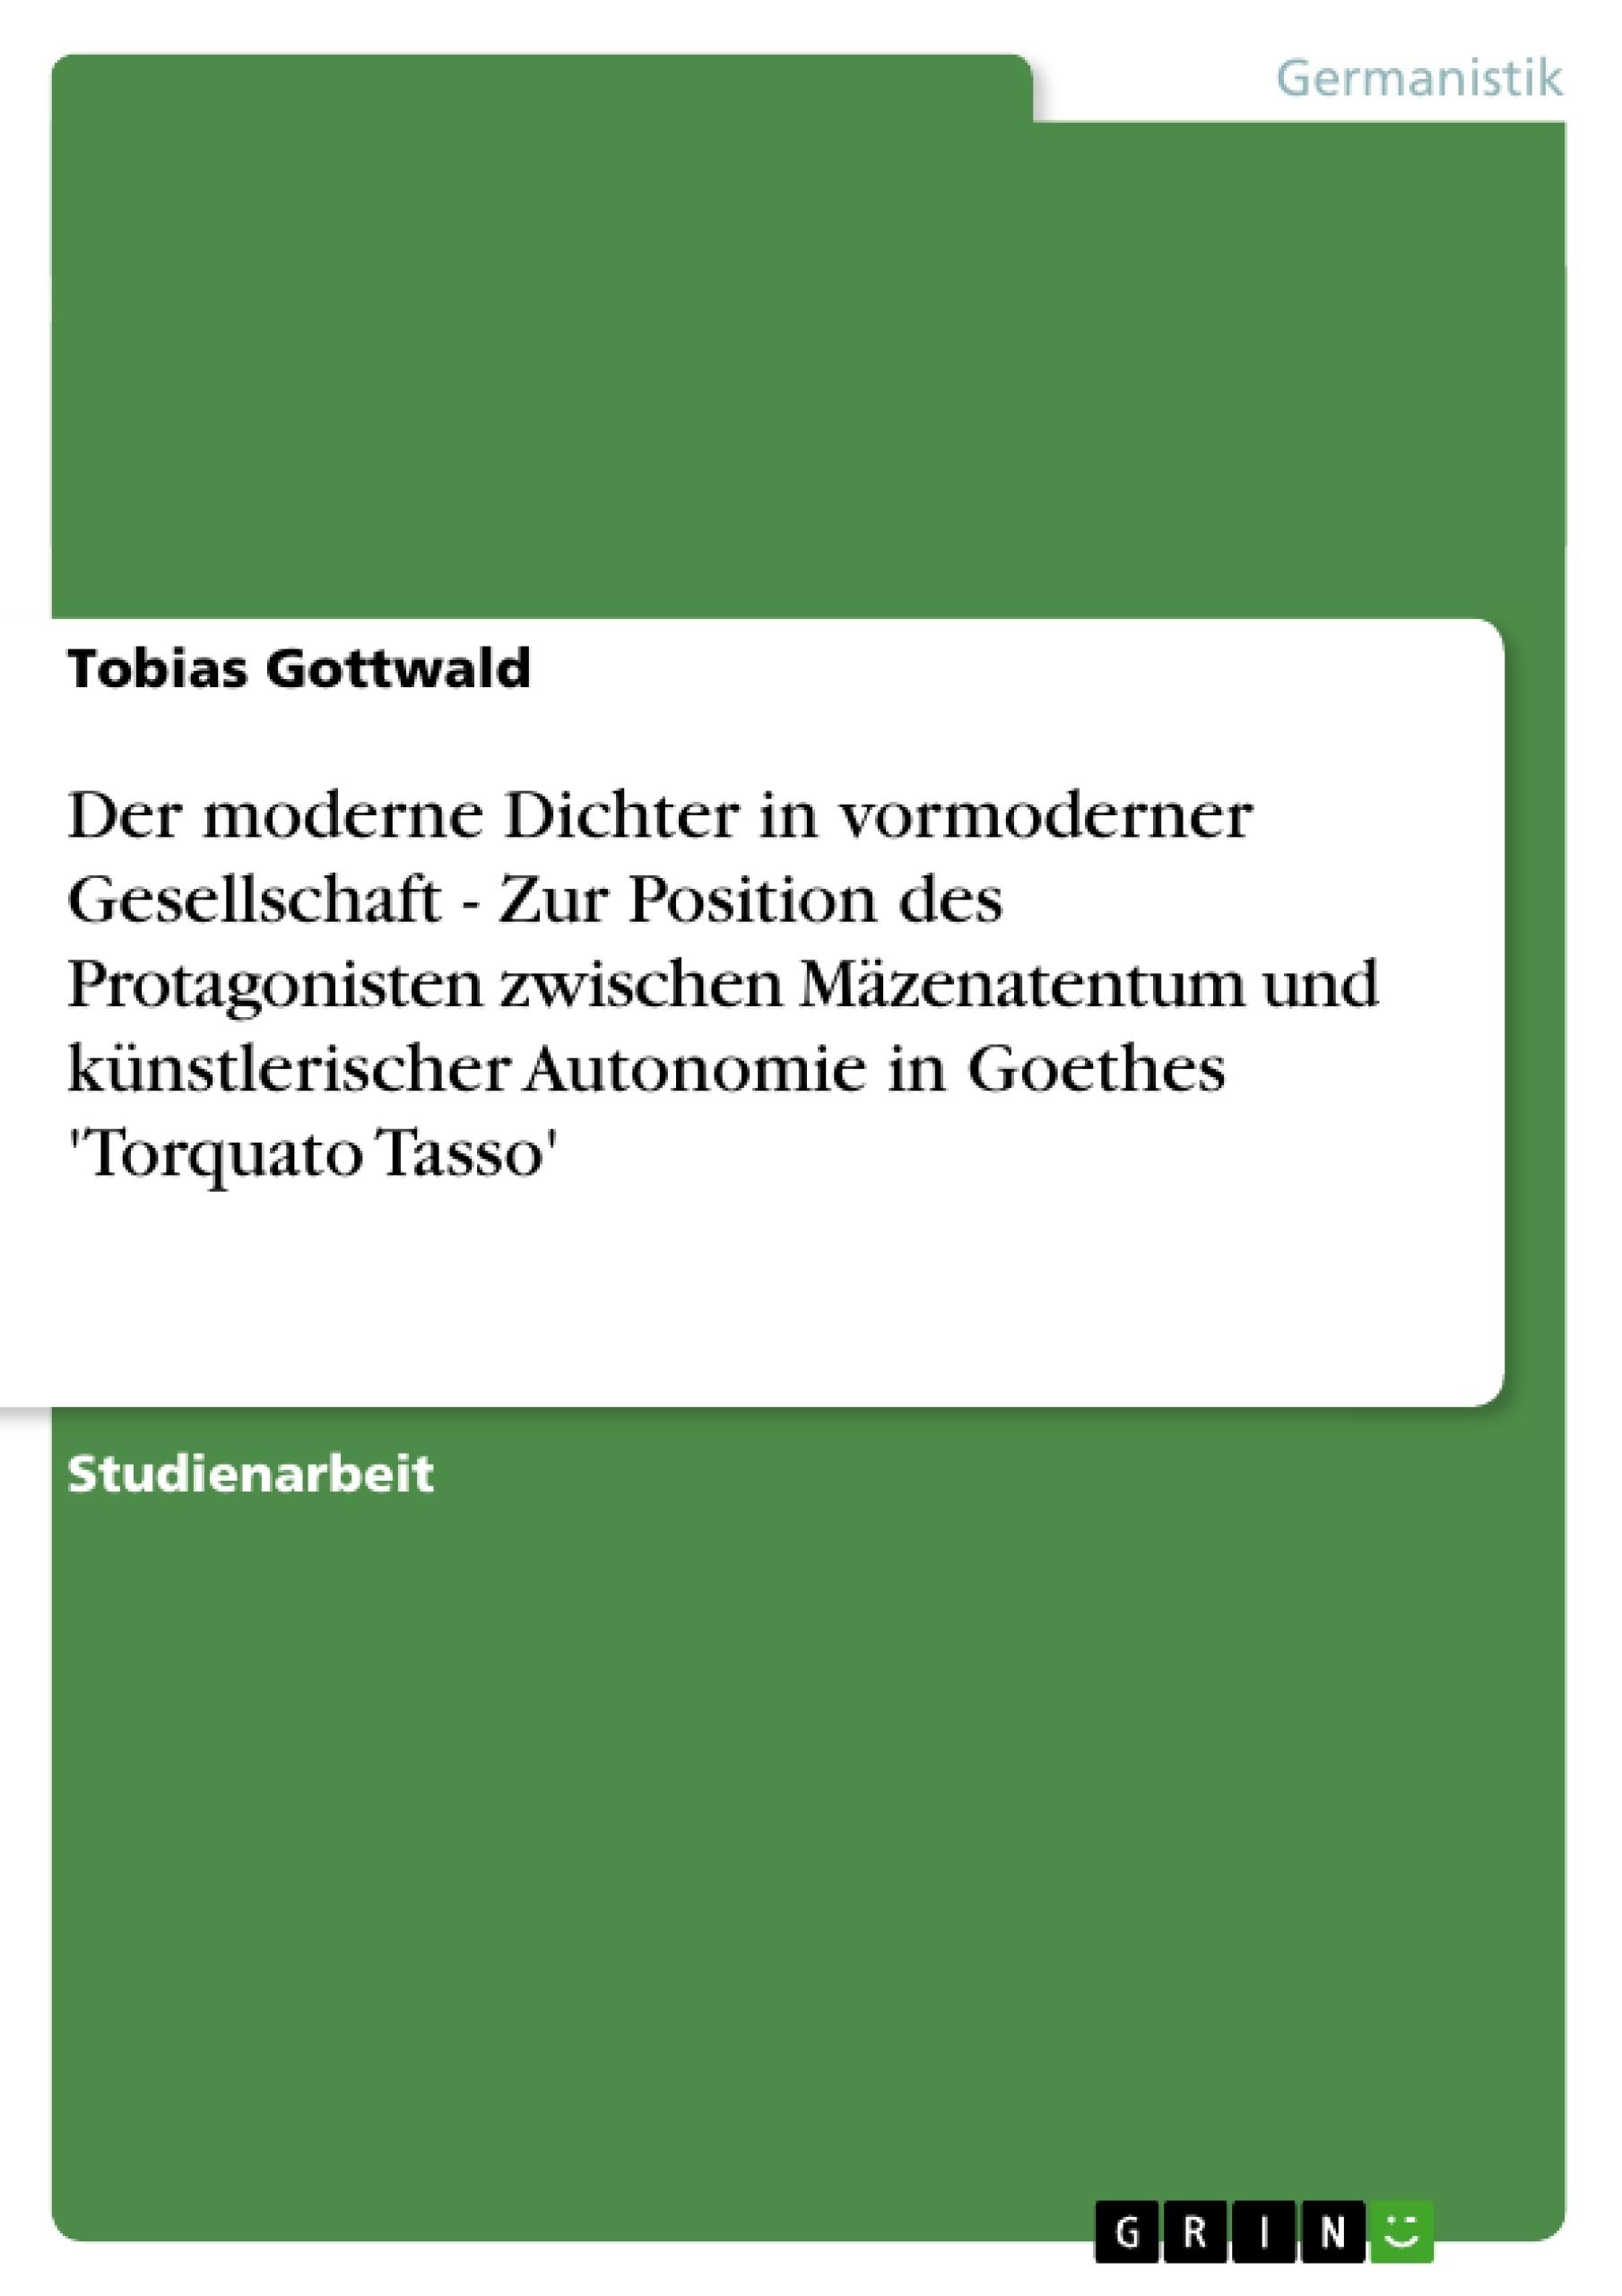 Titel: Der moderne Dichter in vormoderner Gesellschaft  - Zur Position des Protagonisten zwischen Mäzenatentum und künstlerischer Autonomie in Goethes 'Torquato Tasso'